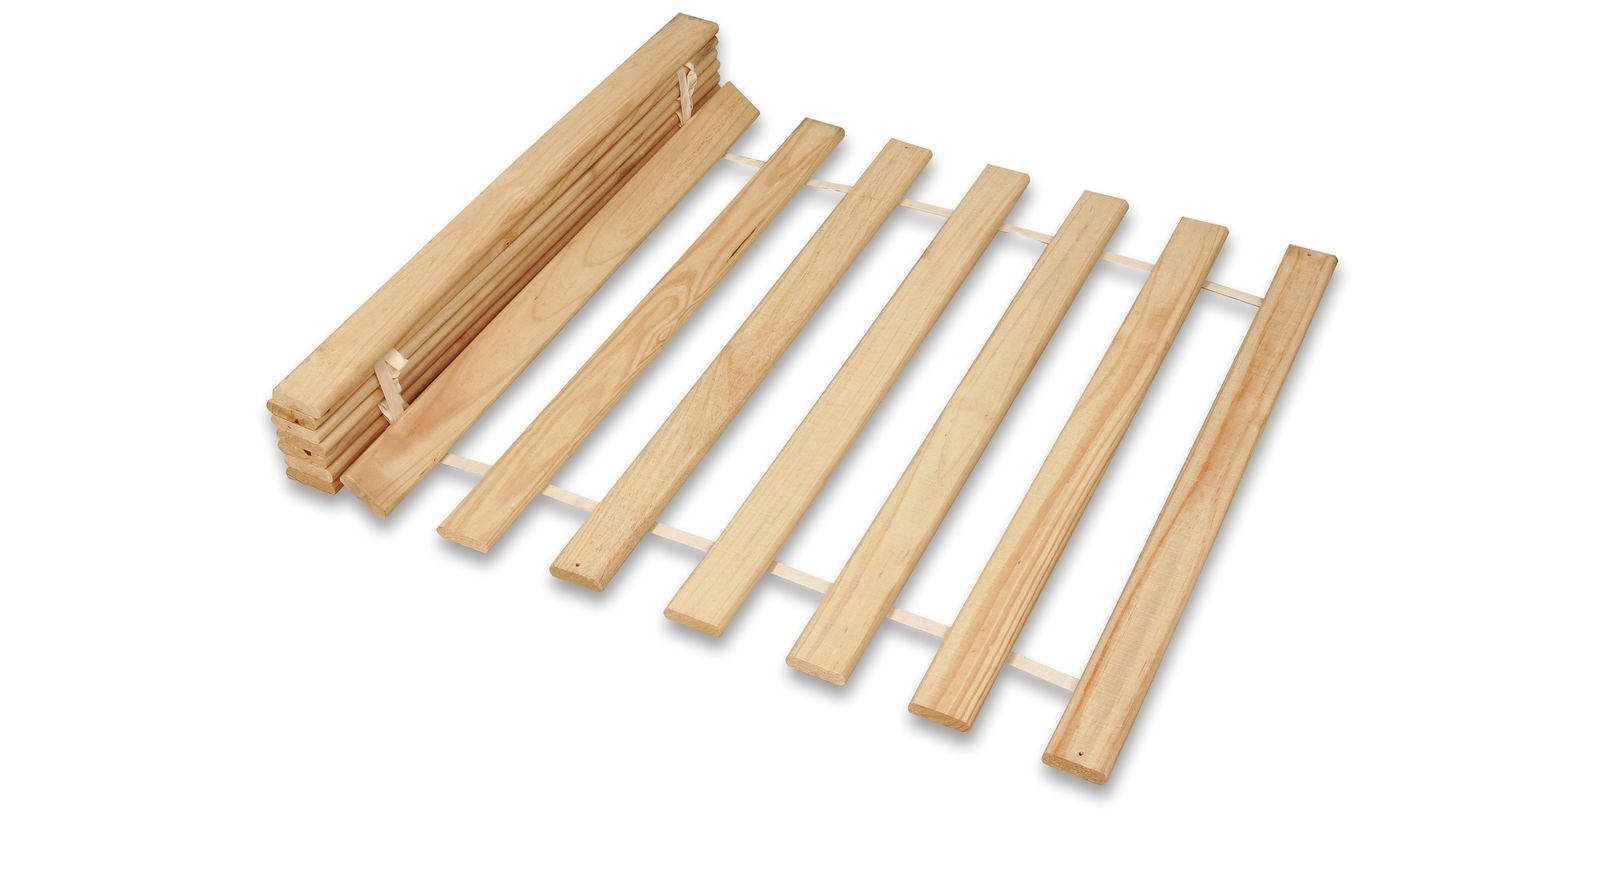 Roll-Lattenrost Jack mit 15 Holzleisten